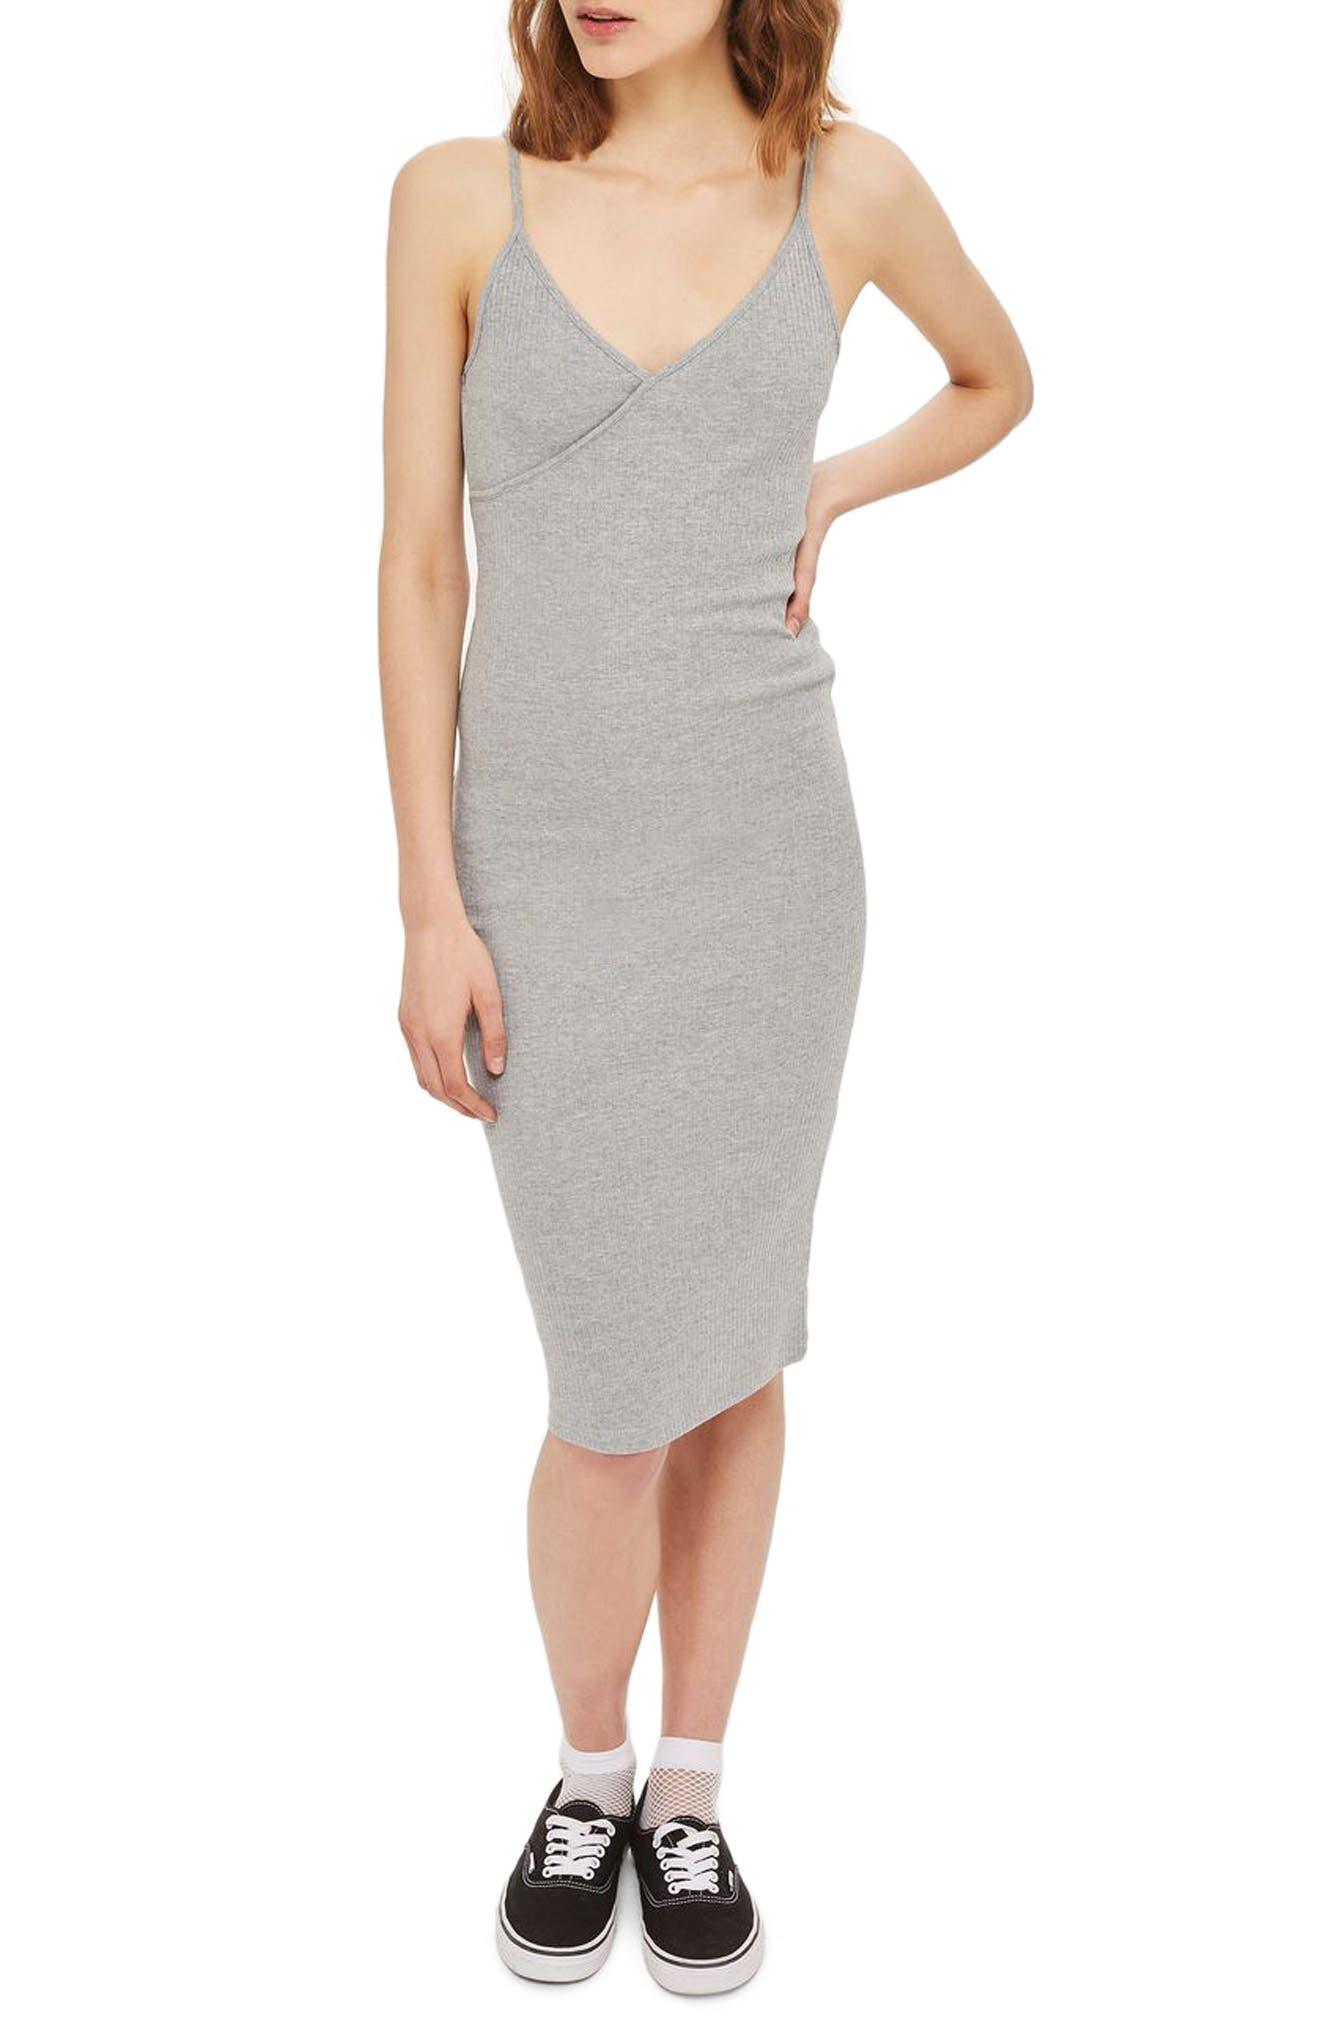 Topshop Kaia Body-Con Midi Dress